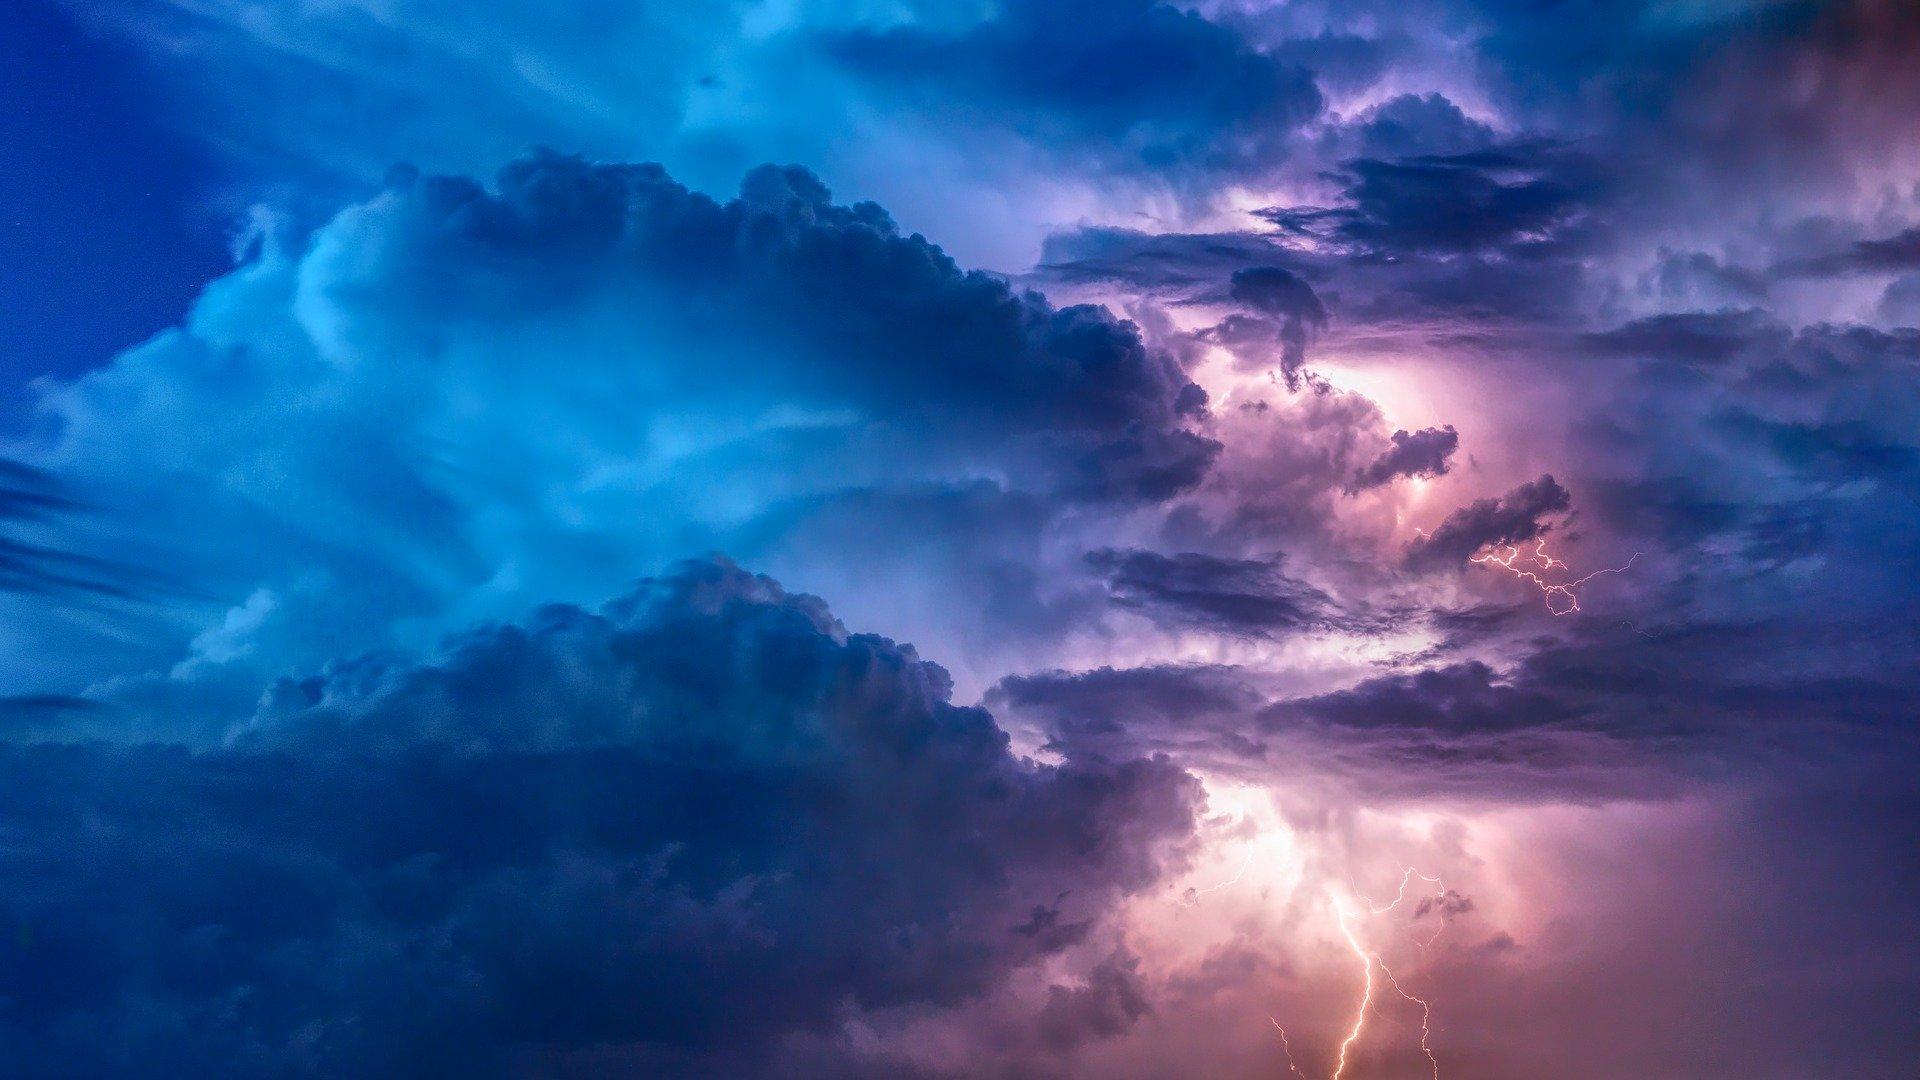 ברקים, רעמים, עננים. כולם תוצאה של אנרגיה המתגשמת לכדי חומר